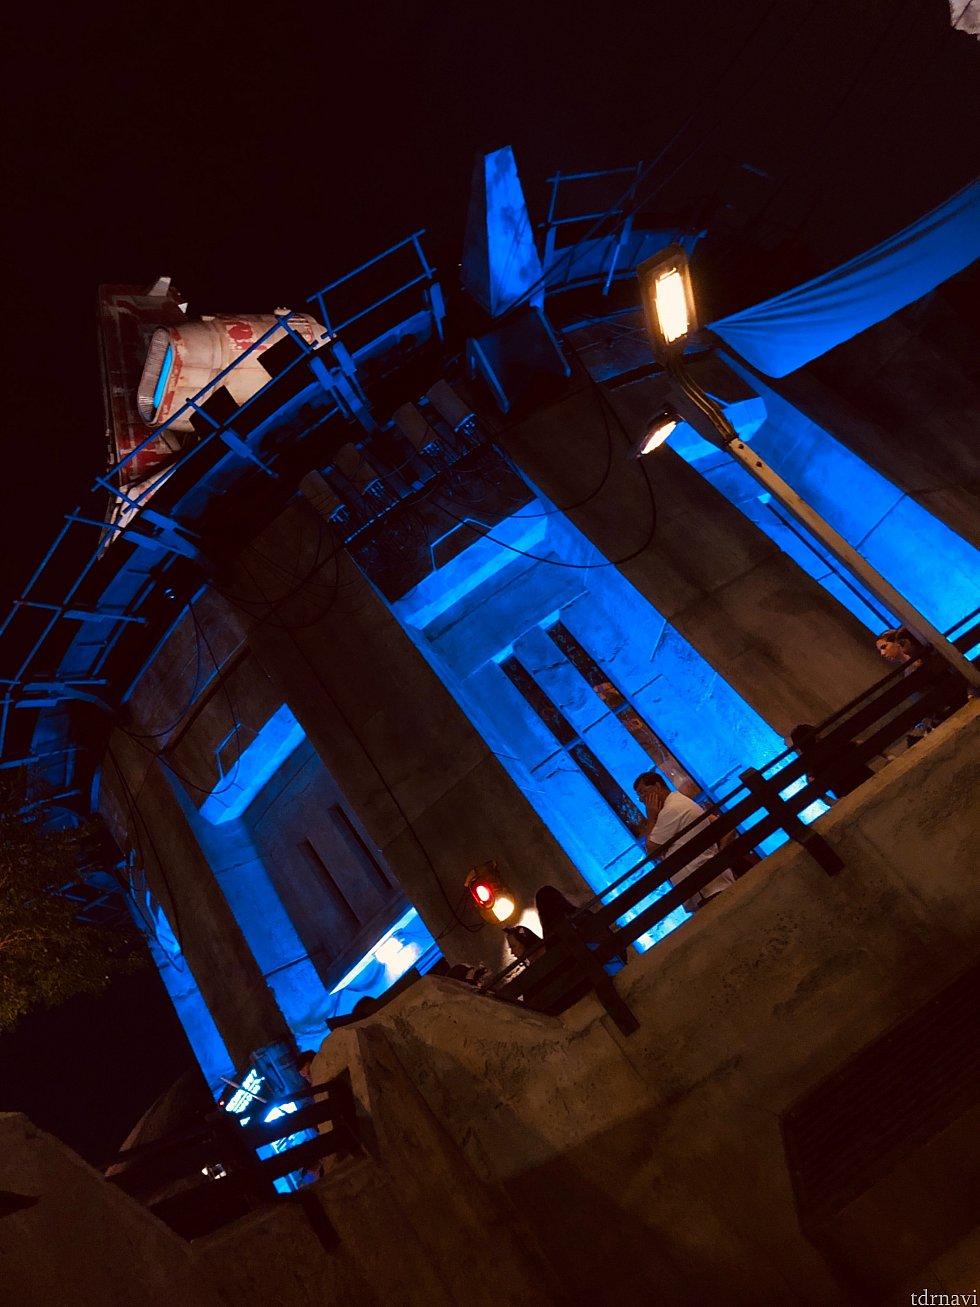 Docking Bay 7 Food and Cargoレストランはブルーに照らされ、存在感を増していきます。